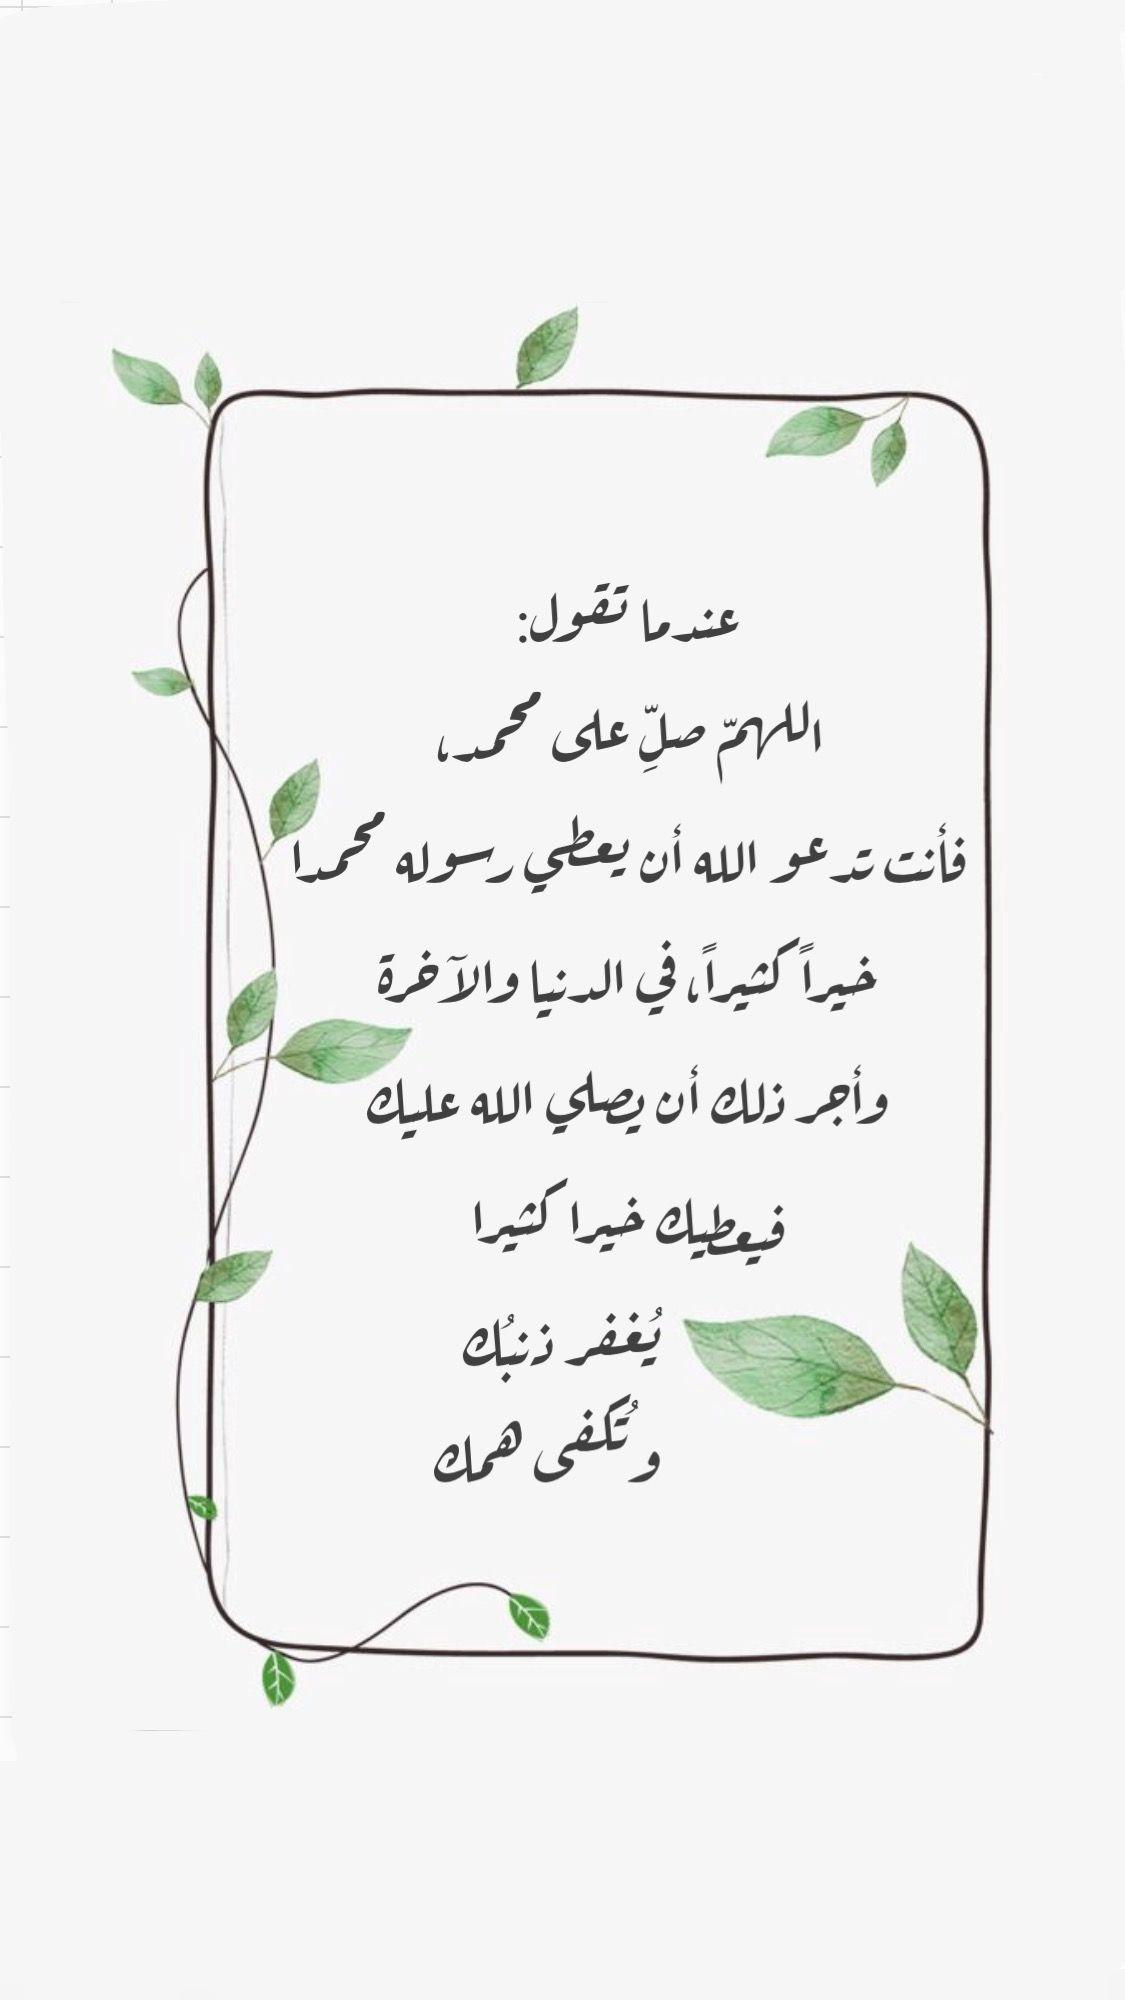 اللهم صل وسلم على نبينا محمد Quran Quotes Love Islam Facts Islamic Quotes Quran